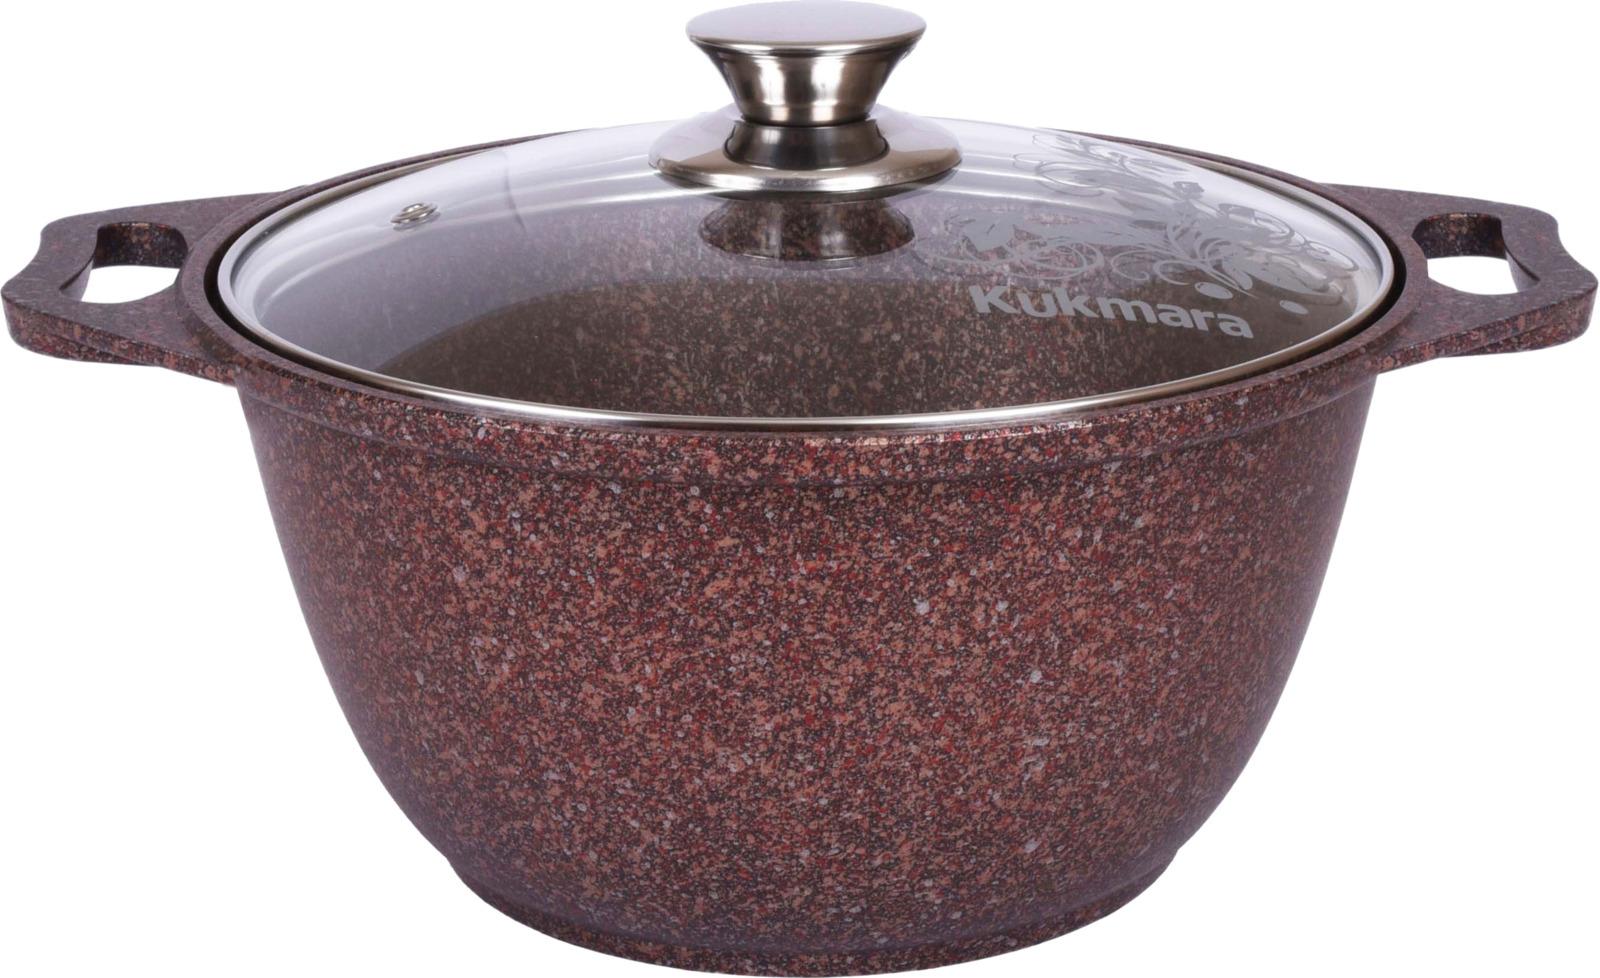 Кастрюля Kukmara Granit ultra, с мраморным антипригарным покрытием, с крышкой, цвет: коричнево-красный, 2 л кастрюля kukmara светлый мрамор с крышкой с антипригарным покрытием со съемной ручкой 1 5 л